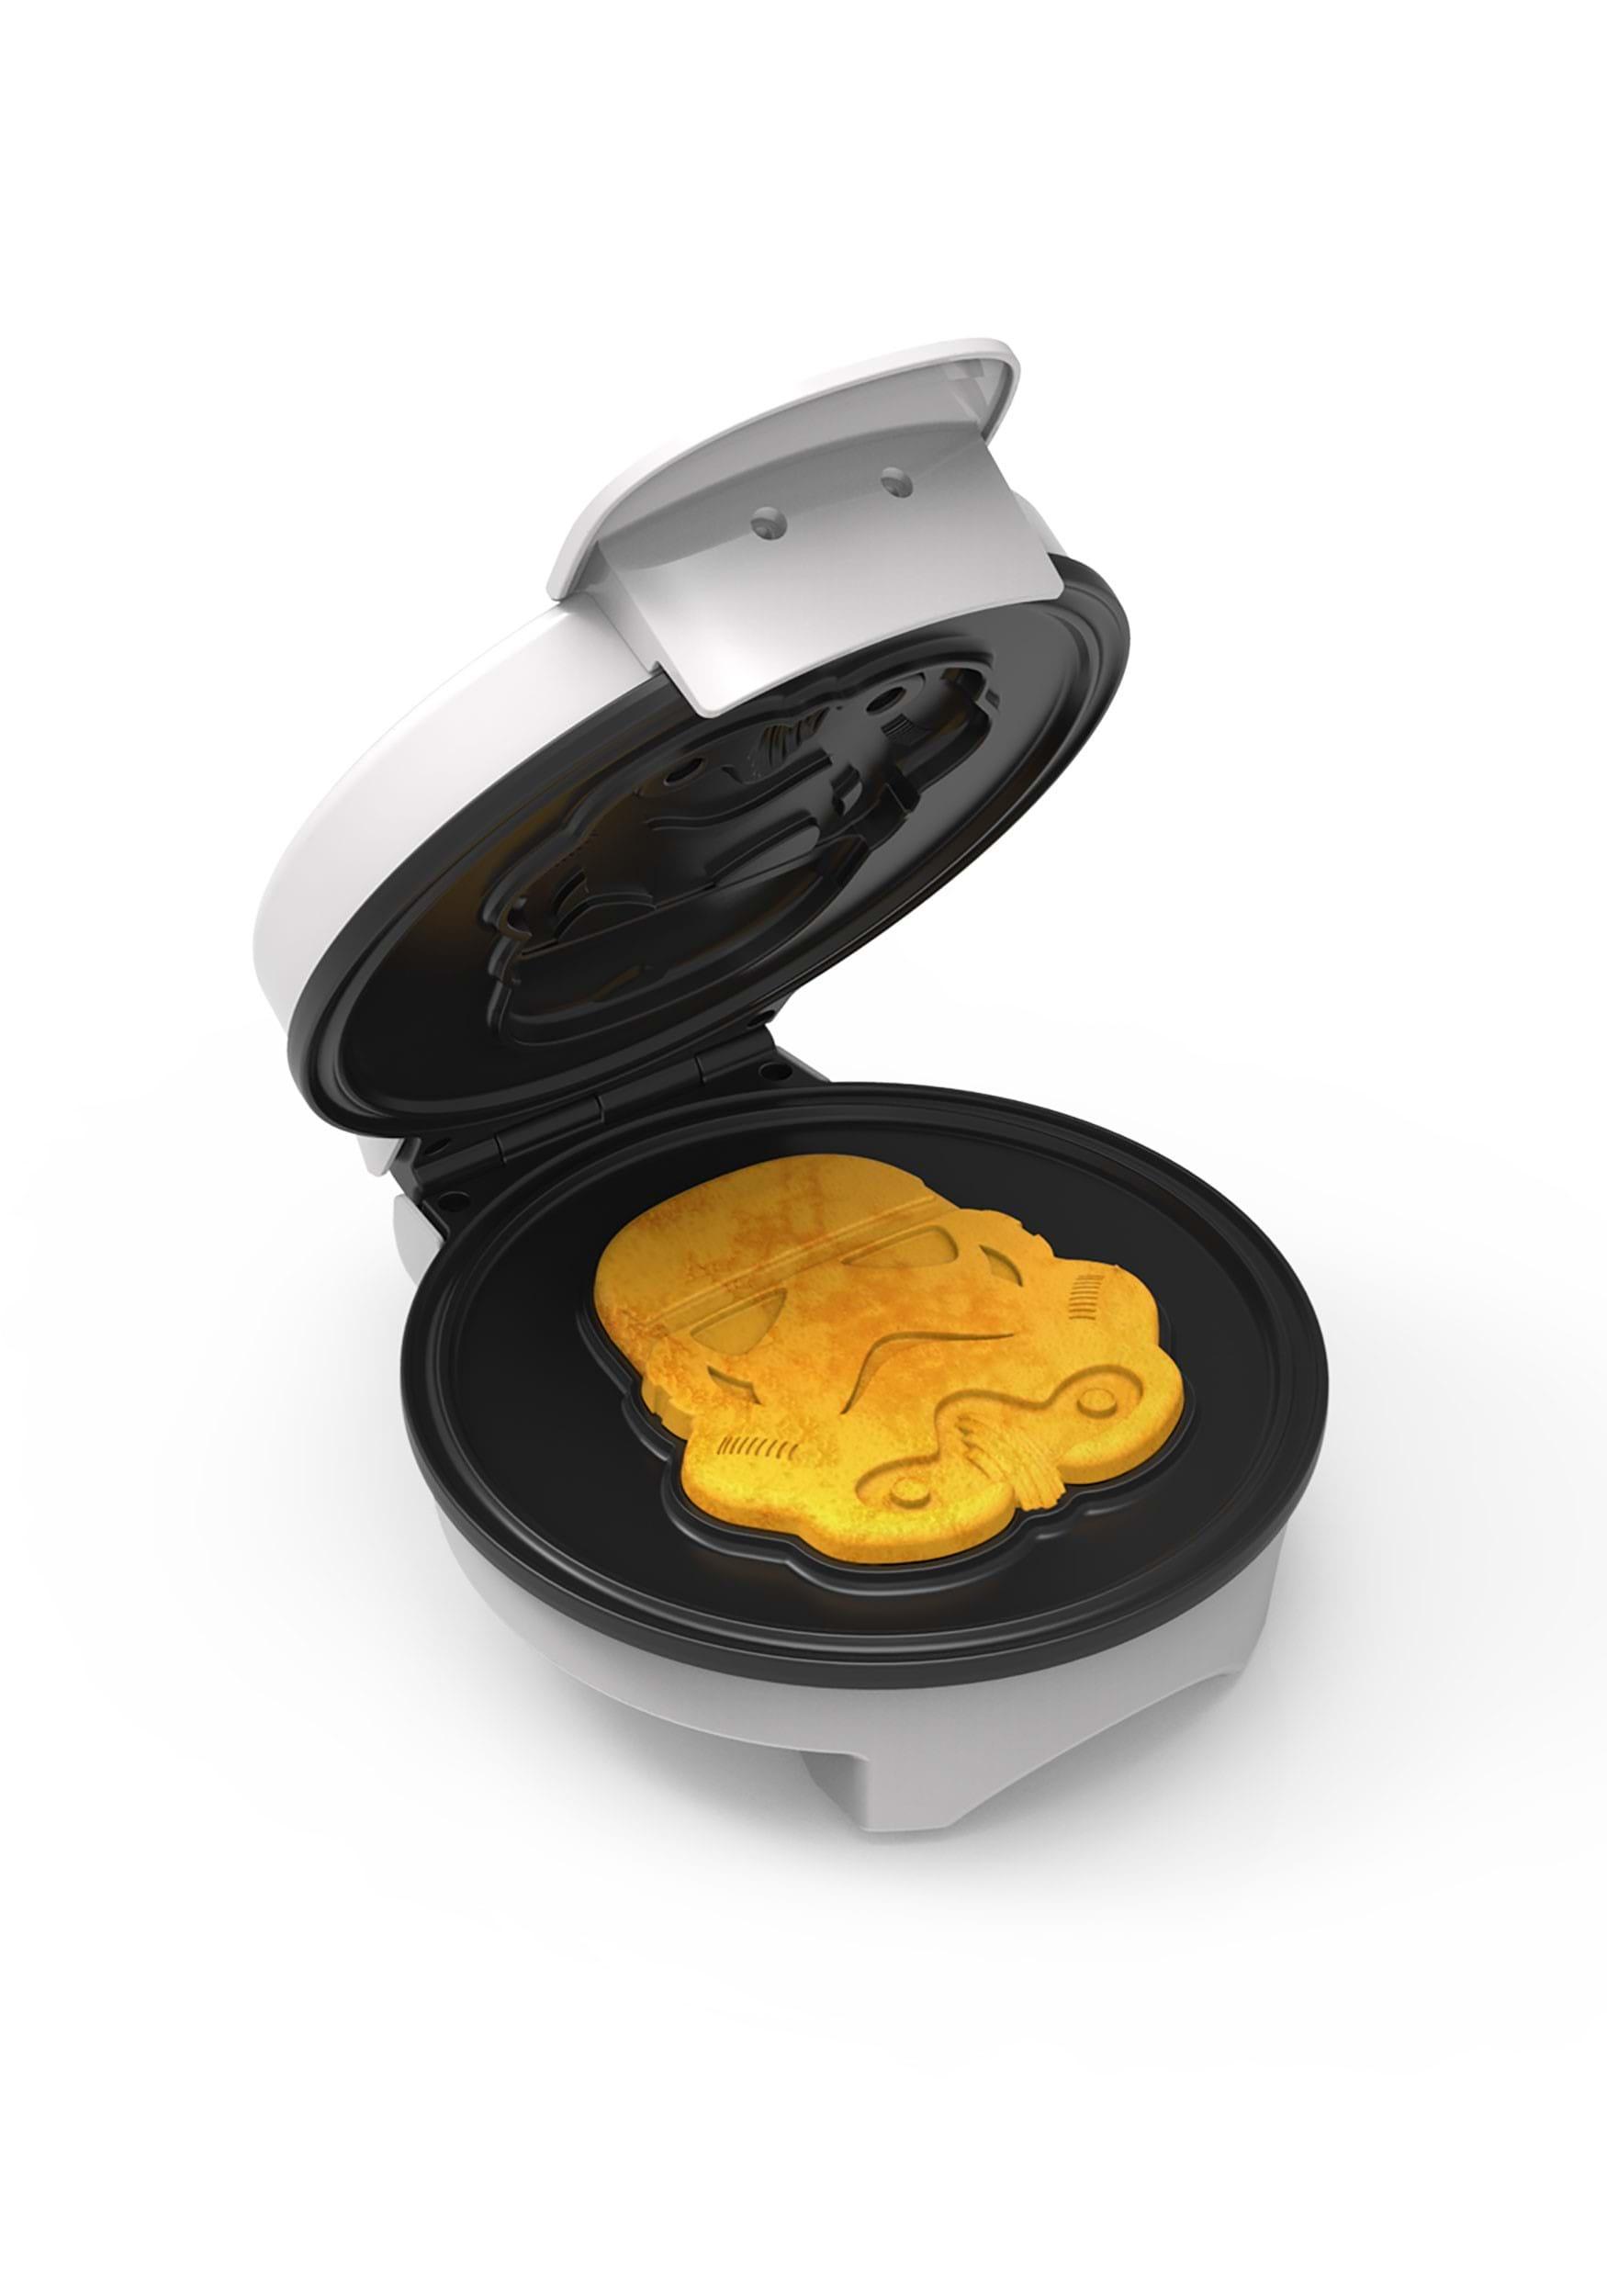 Fullsize Of Star Wars Waffle Maker